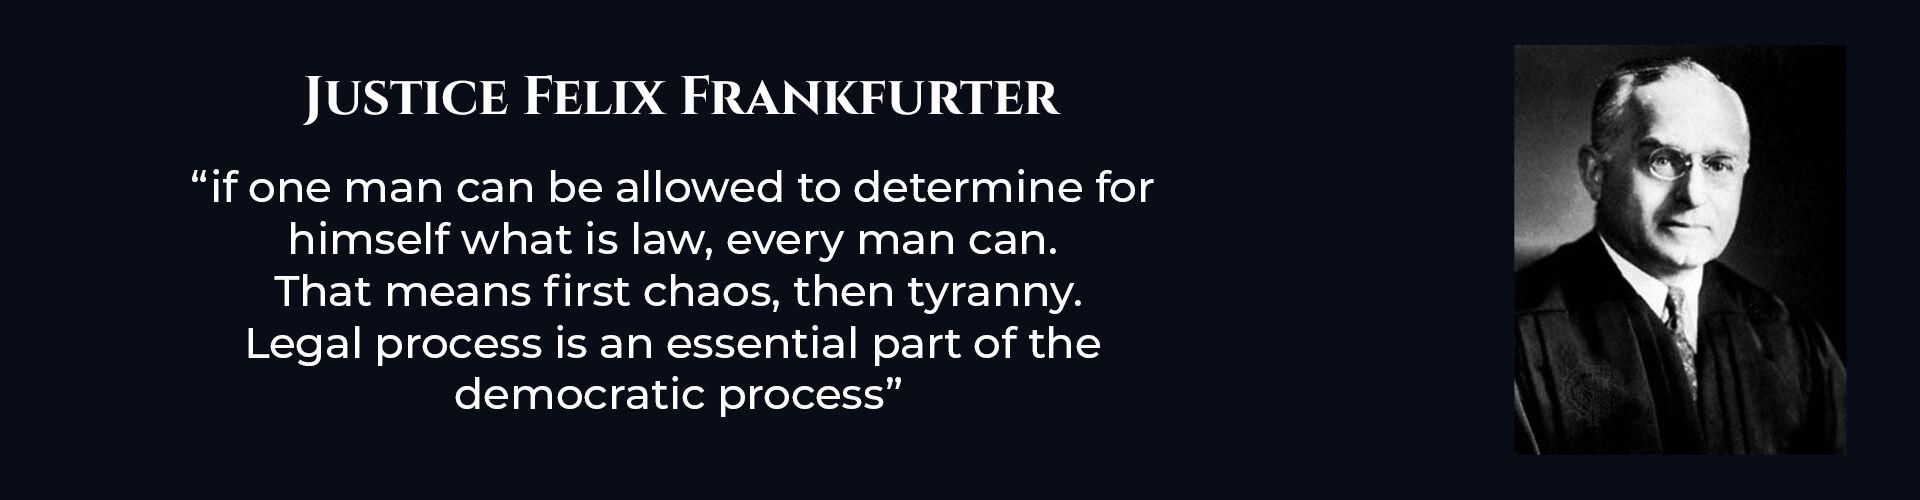 Absent Justice - Justice Felix Frankfurter